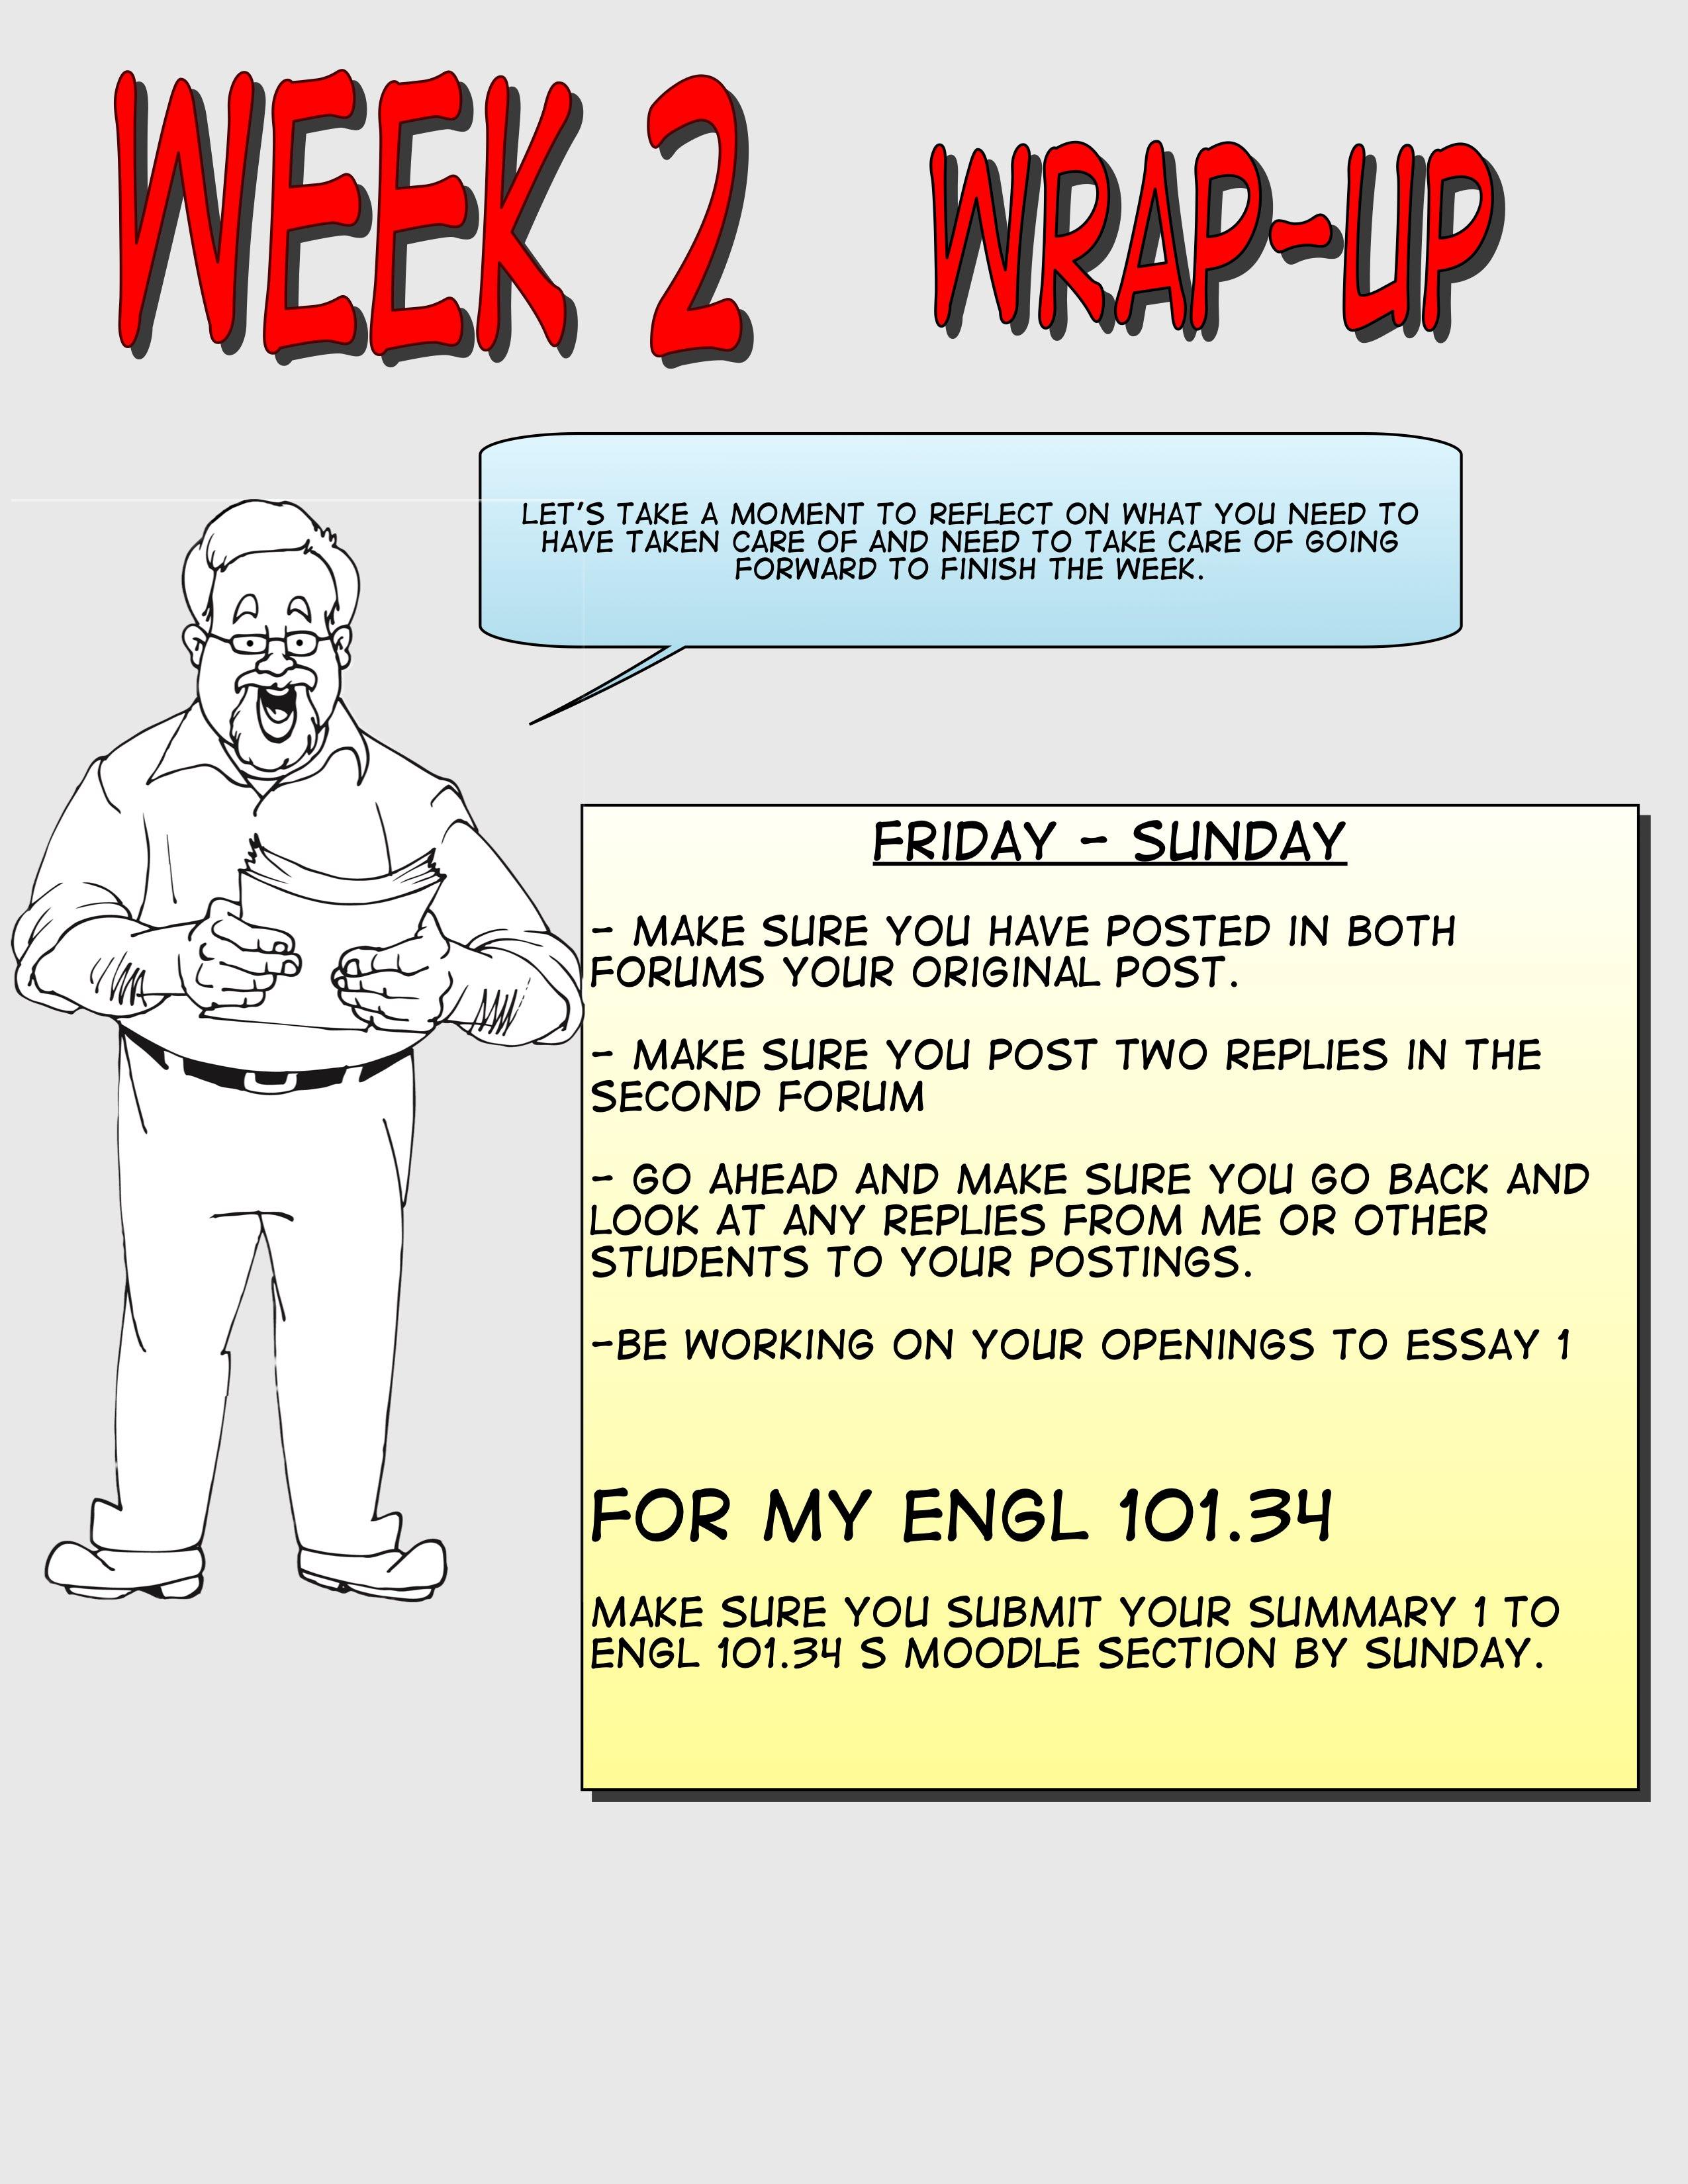 ENGL101-Week 2 Wrap-Up